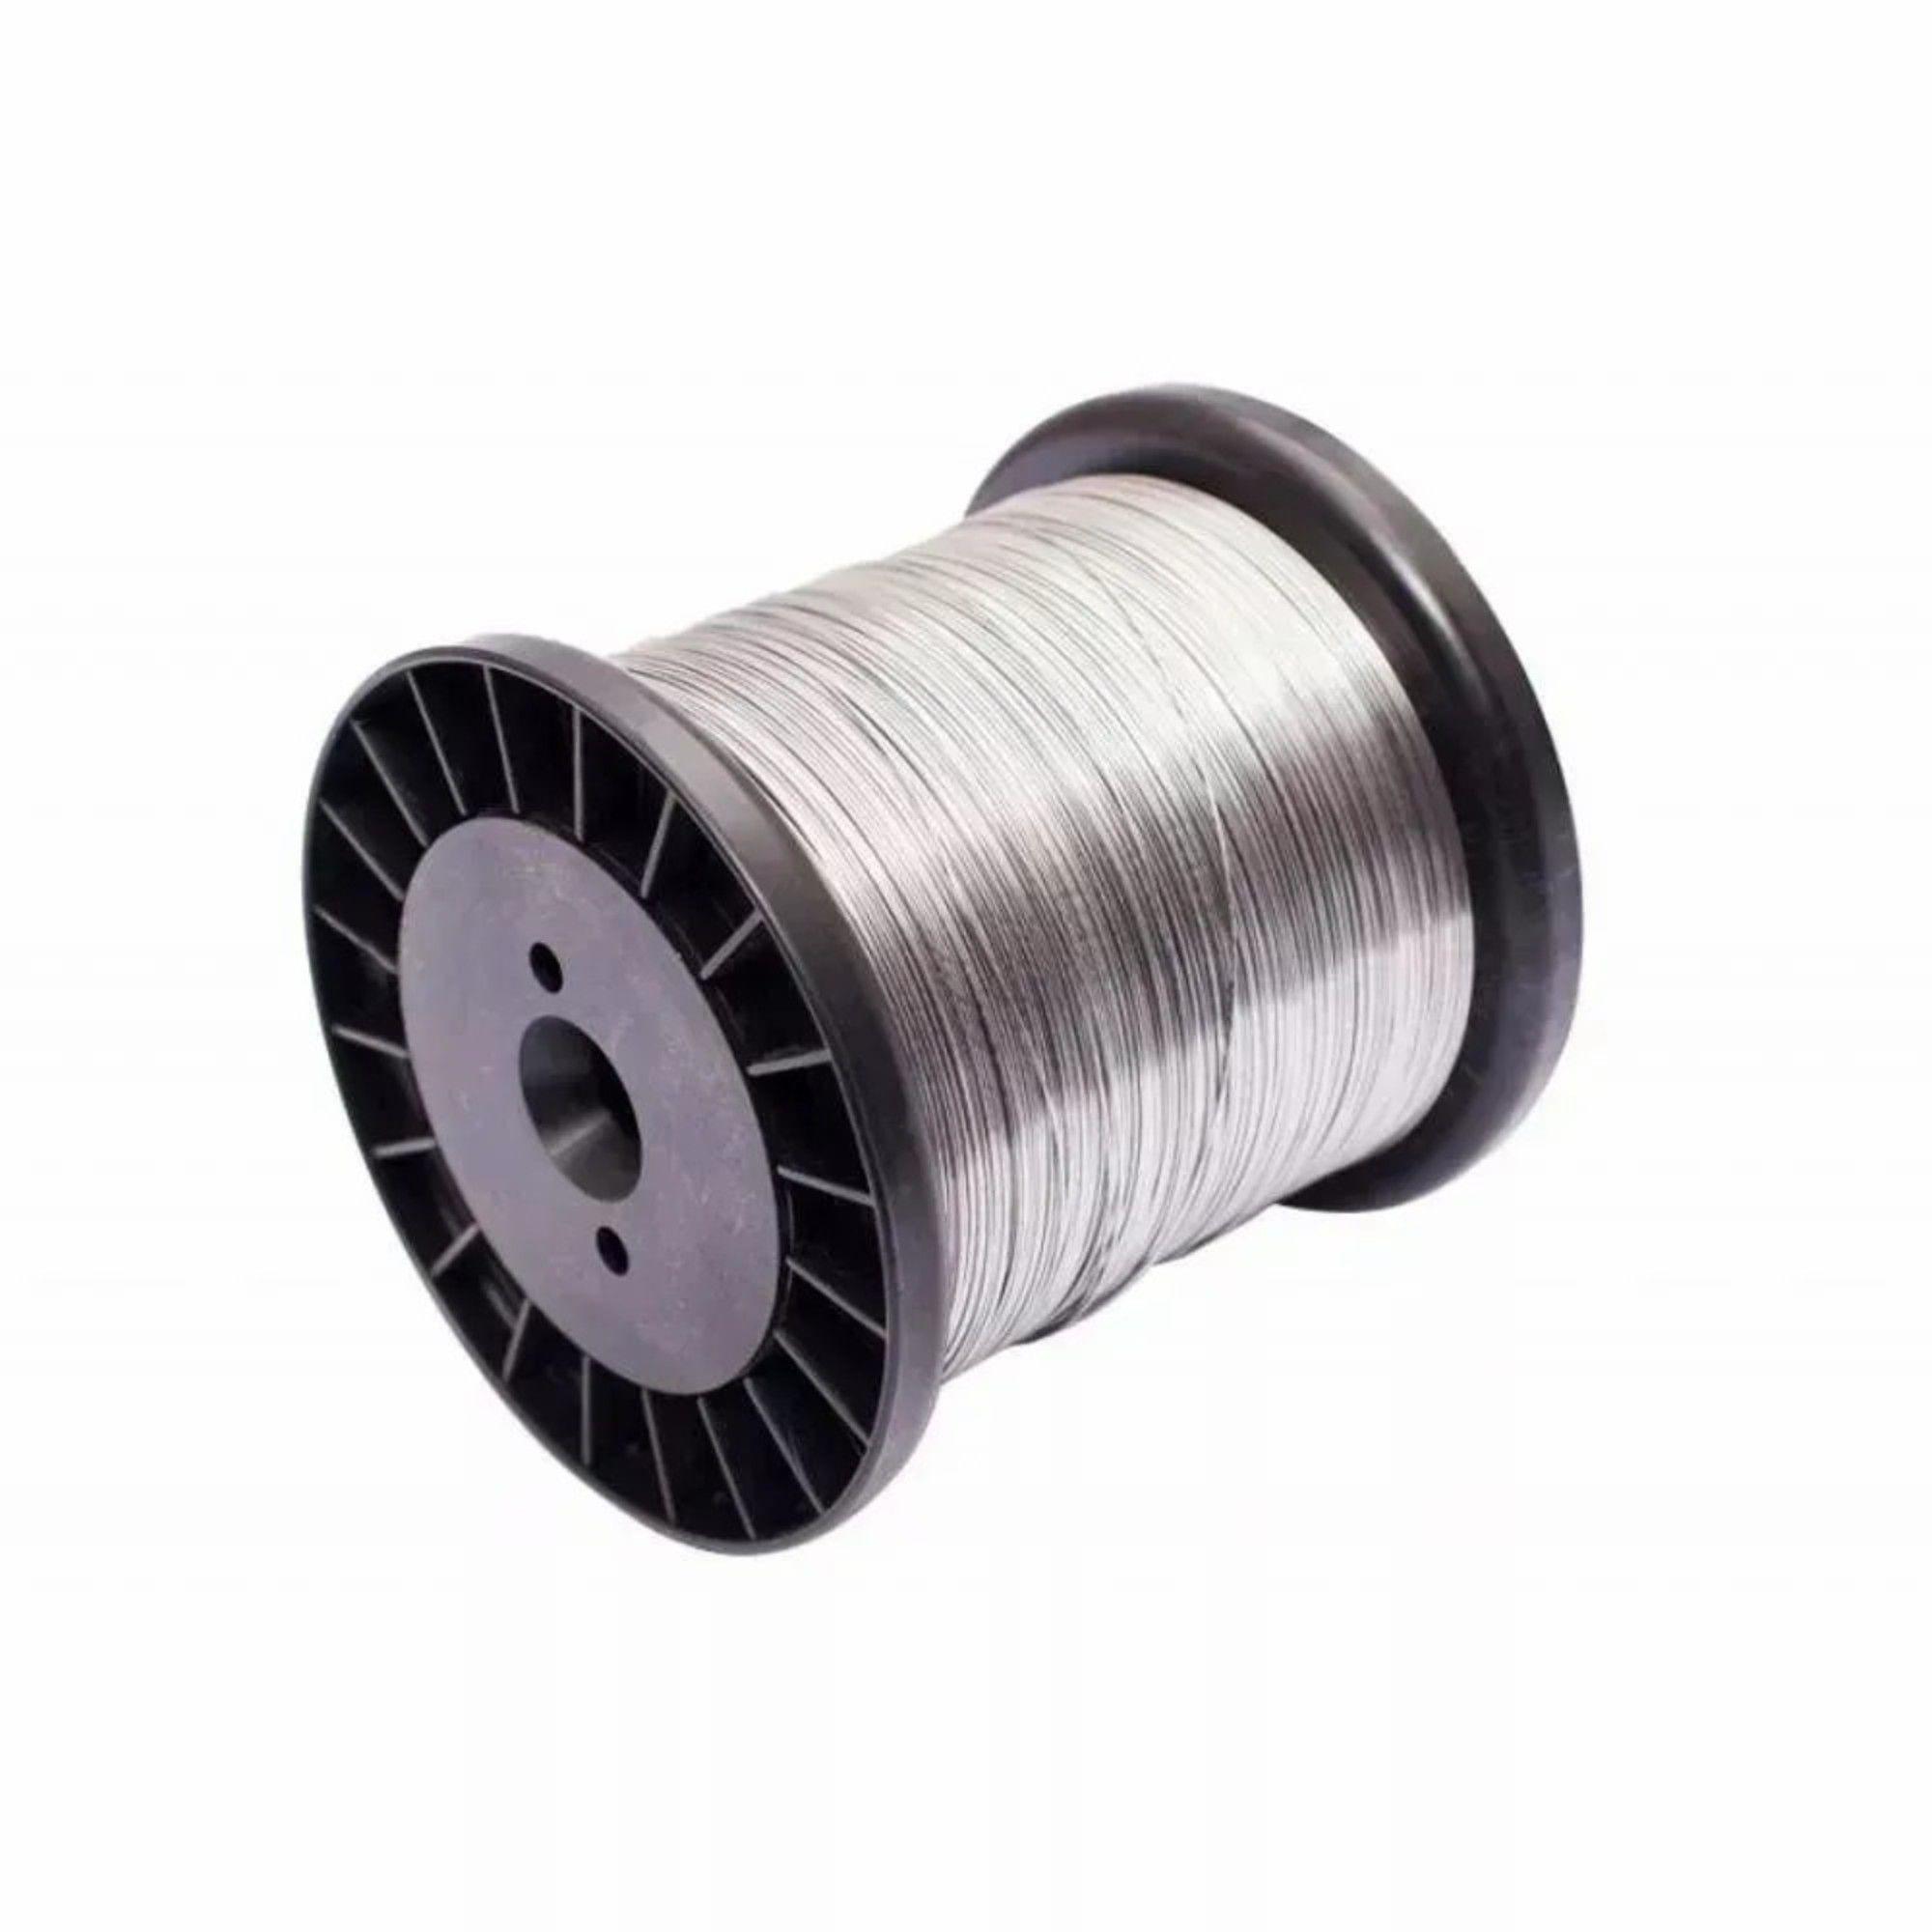 Carretel Arame Aço Inox Cerca Elétrica Fio 0,45mm Bobina